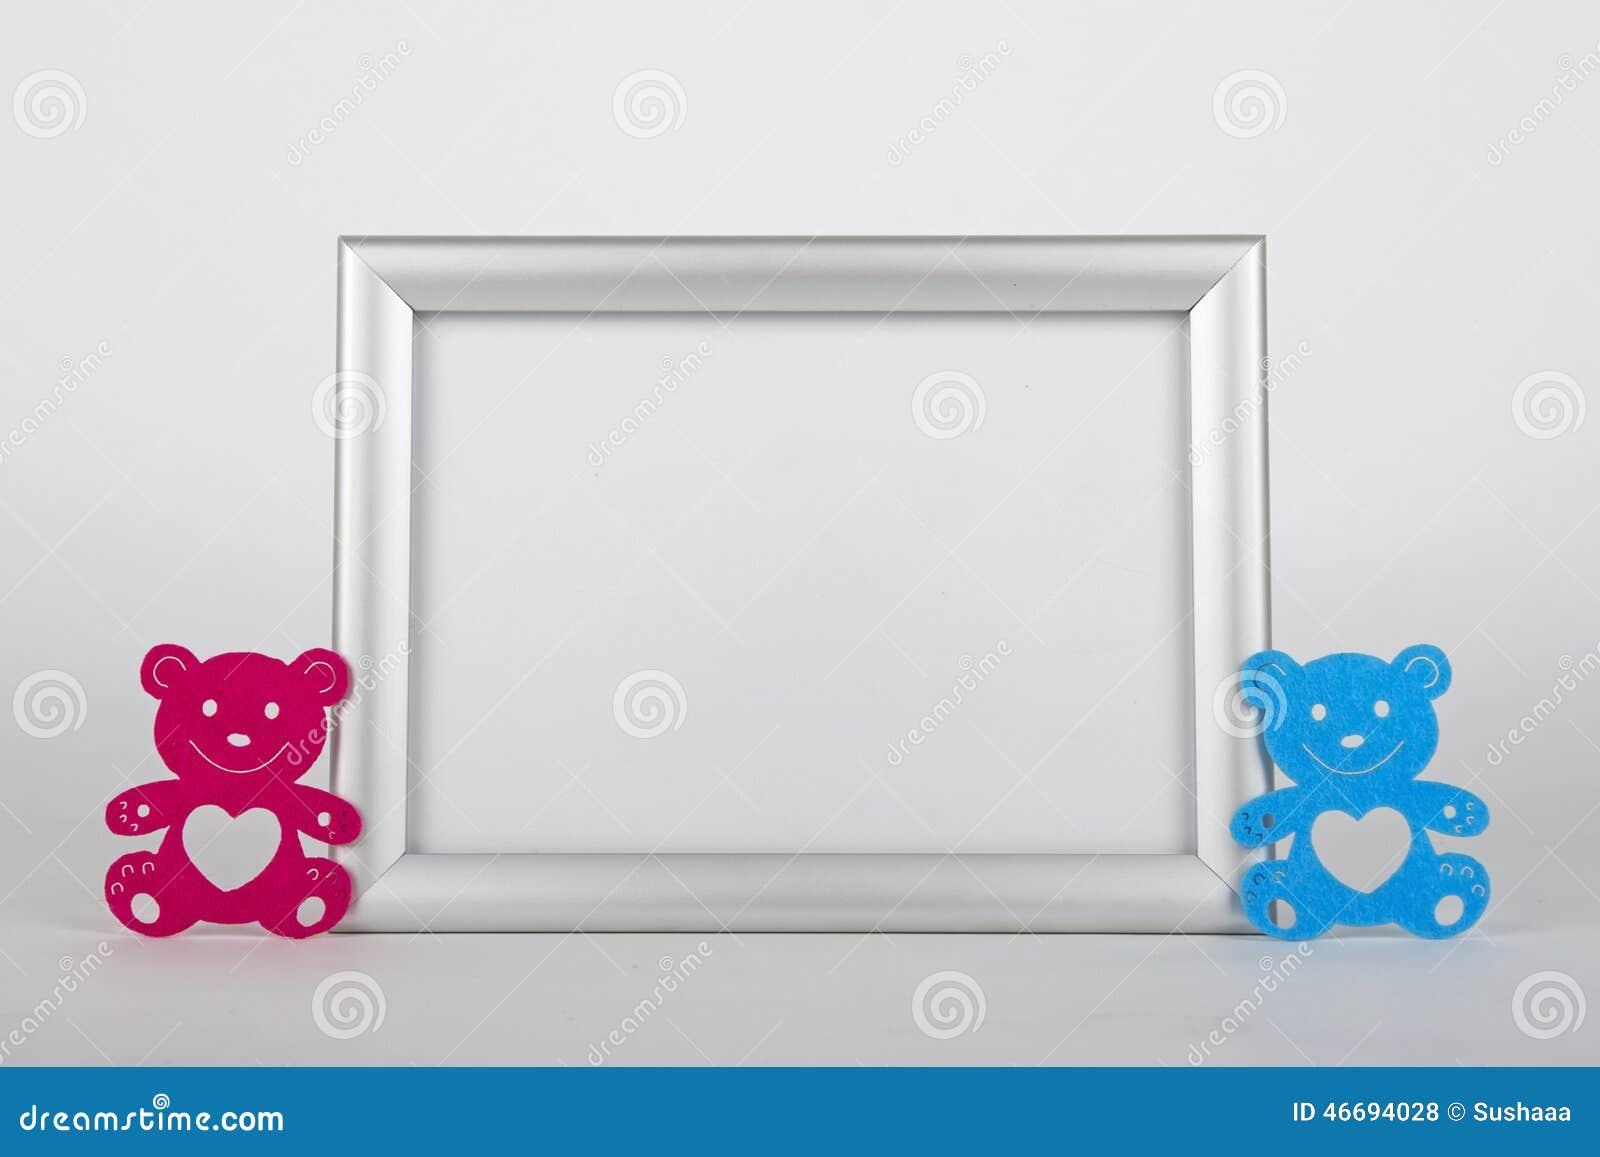 Fotorahmen Und Zwei Dekorative Bären Stockfoto - Bild von farbe ...